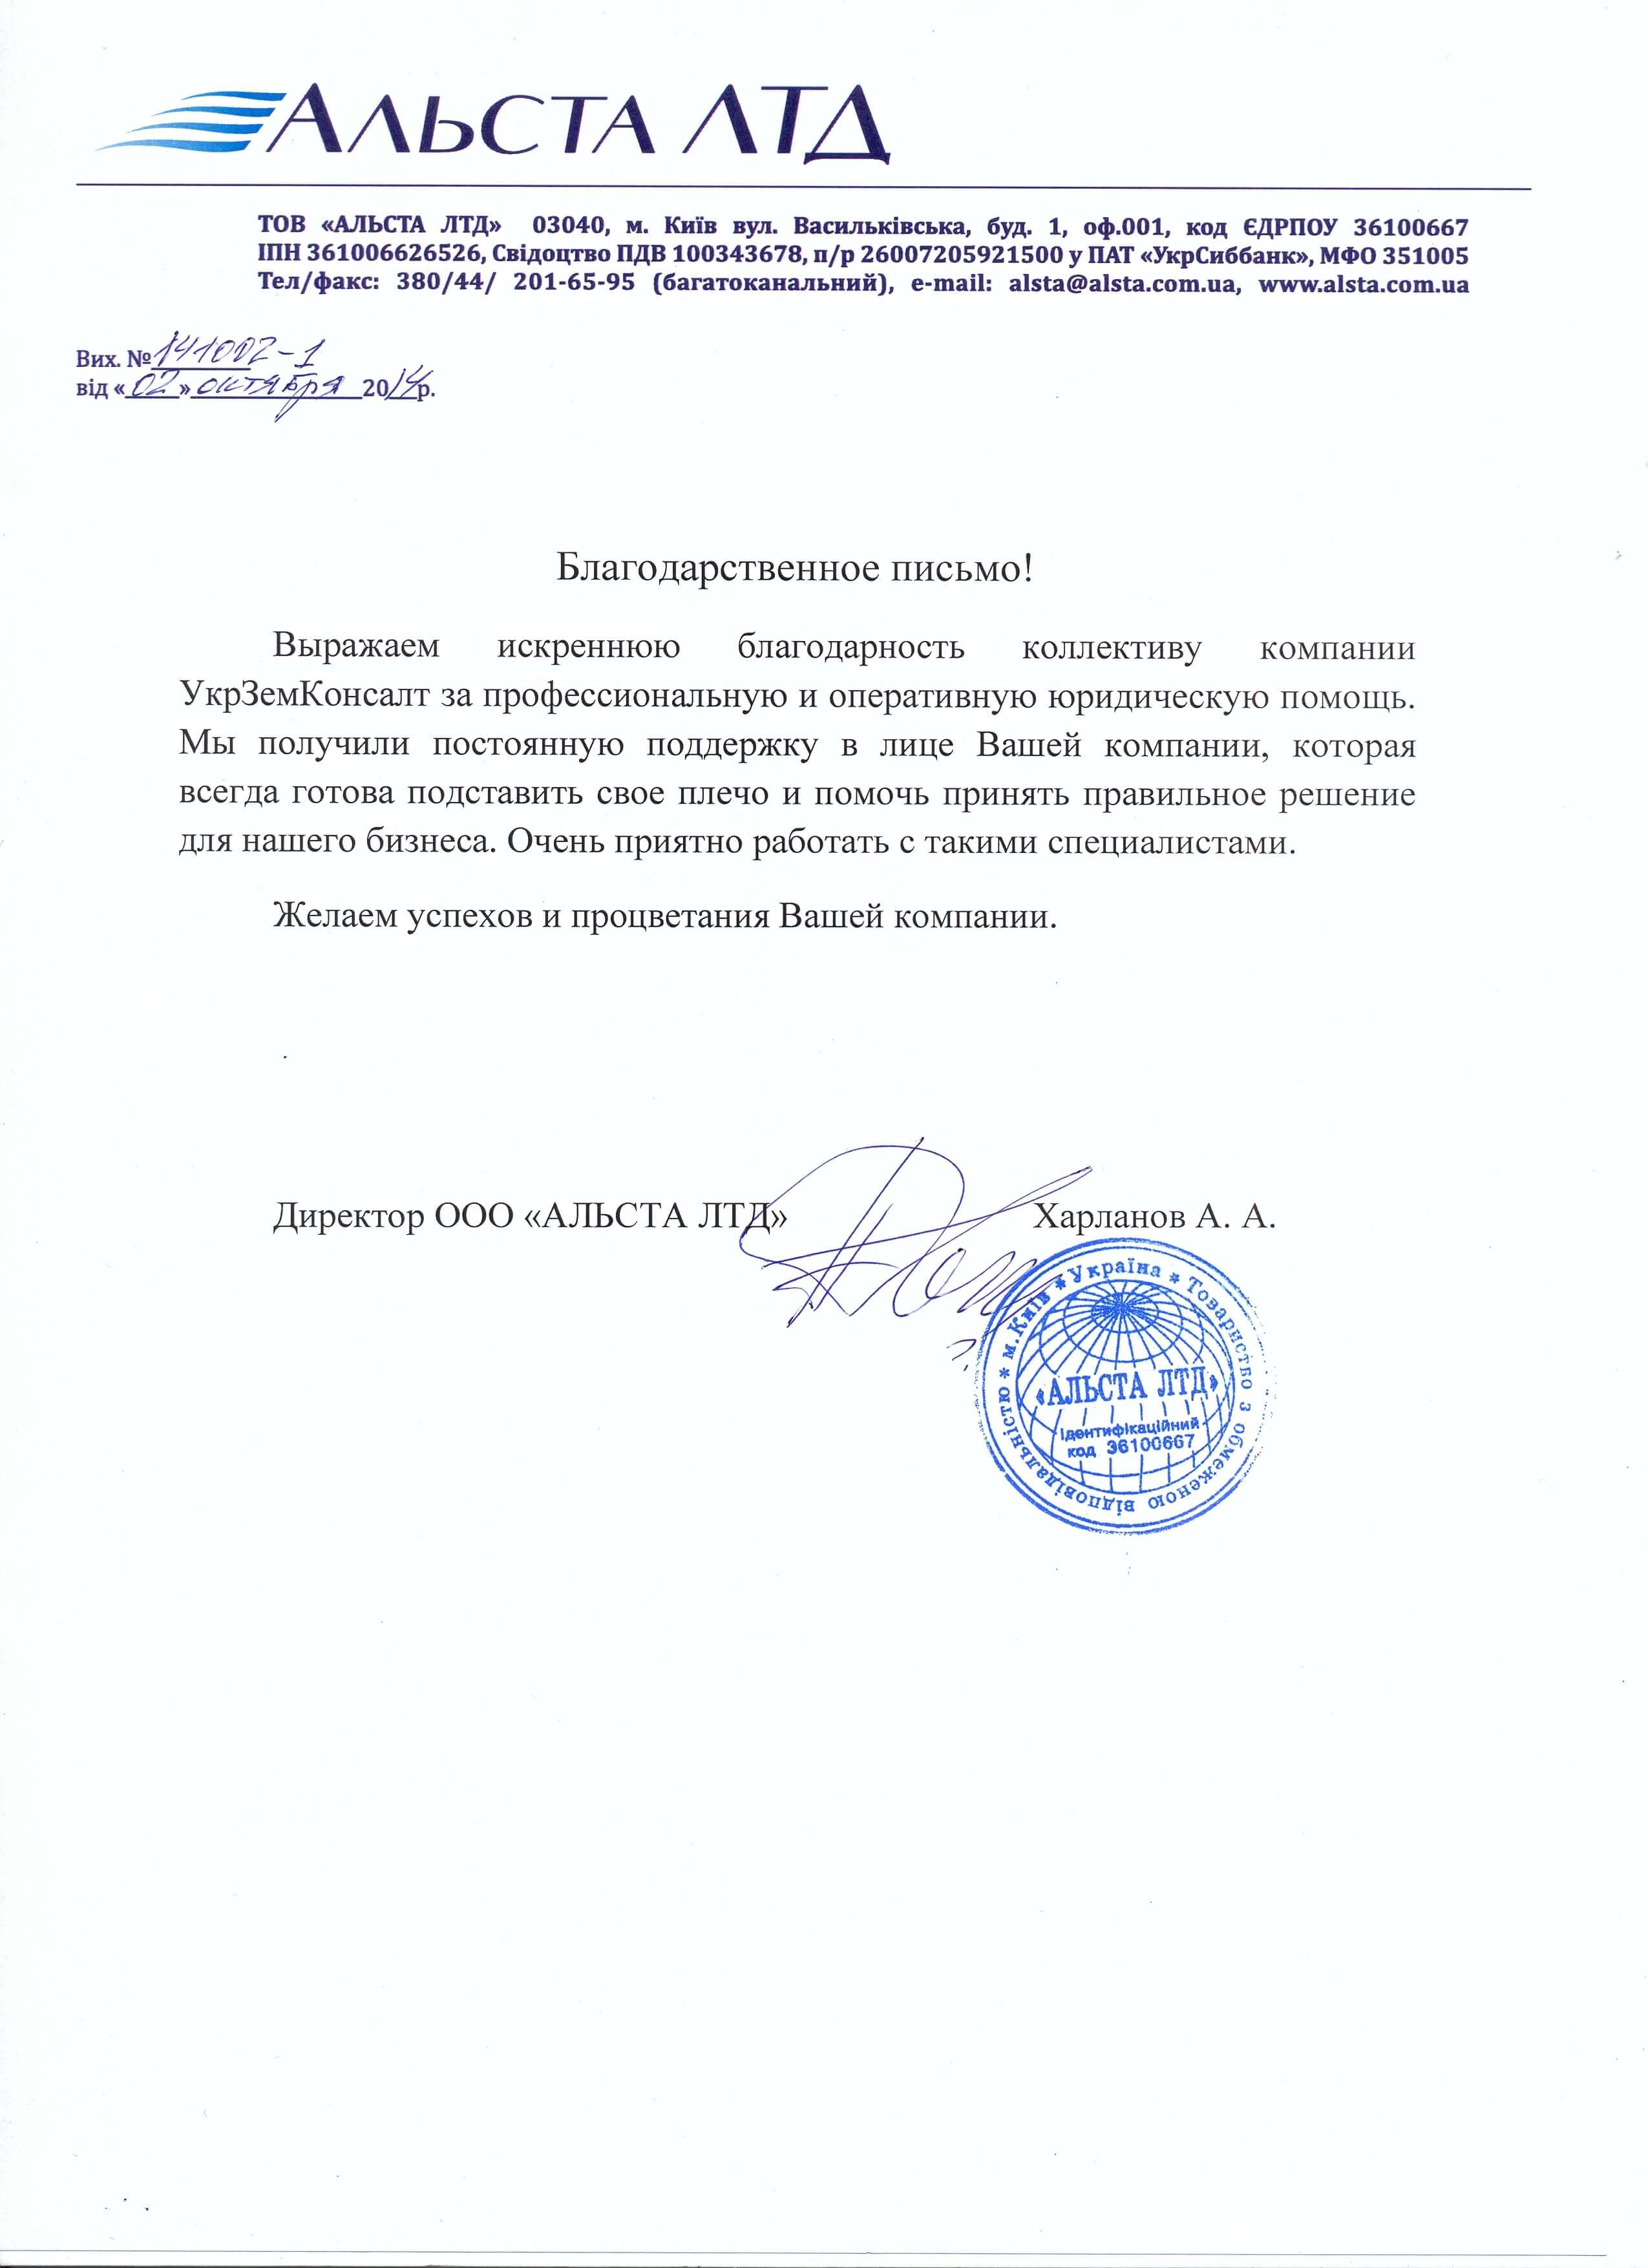 ООО Альста ЛТД